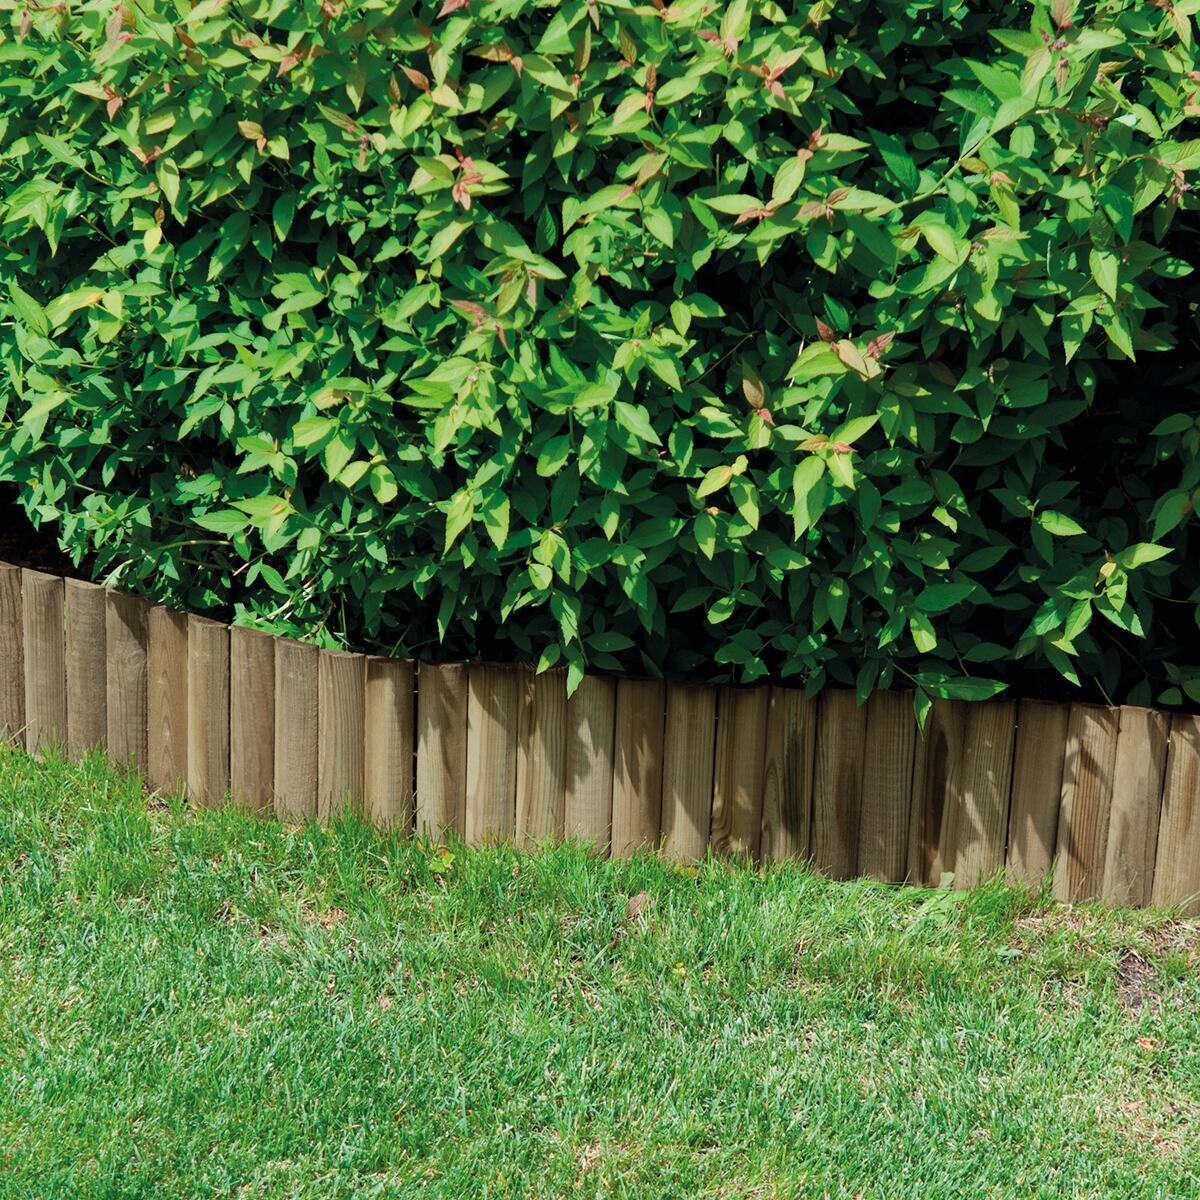 Bordura in rotolo in legno L 180 x H 20 cm Sp 1.4 cm - 3